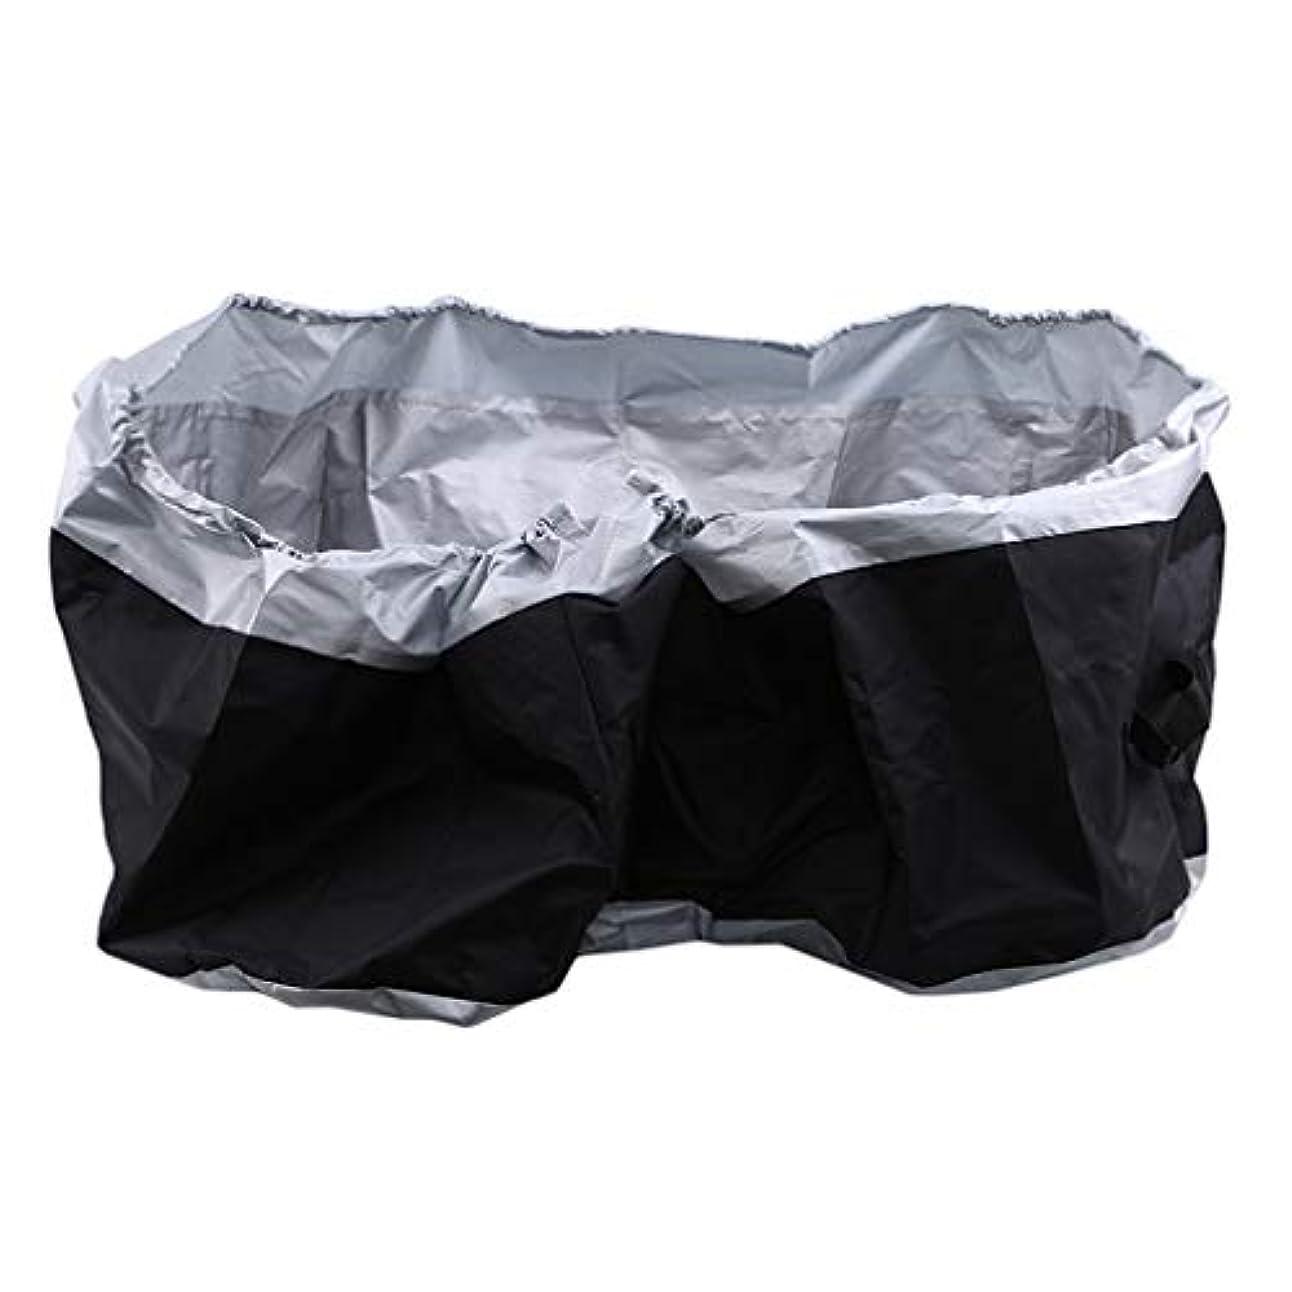 ラフト一口ティーンエイジャーHKUN タイヤカバー タイヤ収納 直径85cm タイヤ保管 雨よけカバー ホイールカバー 屋外 屋内 防水 防塵 タイヤ劣化防止黒色+銀色